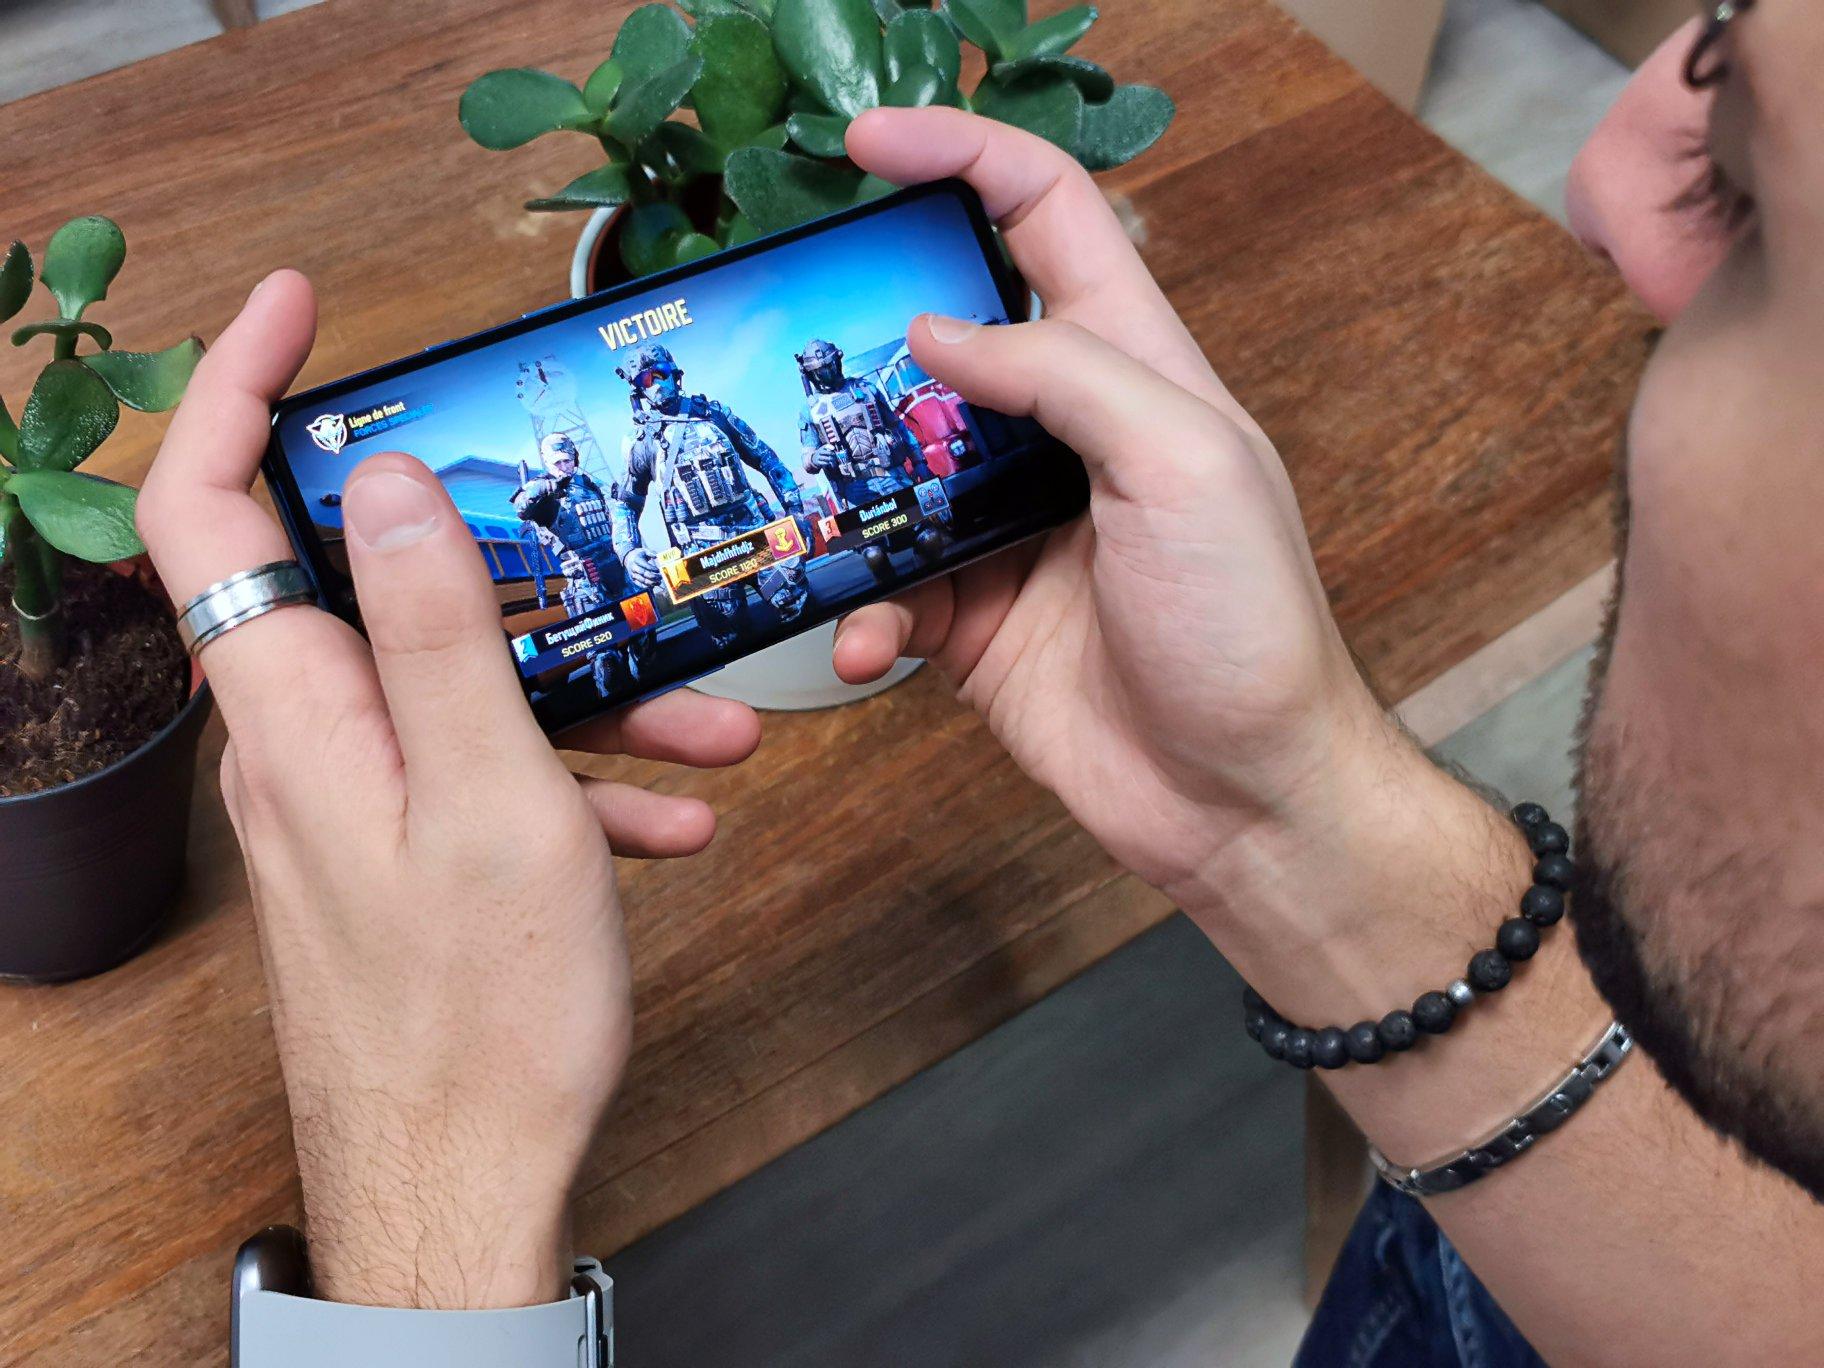 Les Meilleurs Fps Et Tps (Jeux De Tir) Sur Android Et Iphone destiné Jeux En Ligne Gratuit Pour Fille